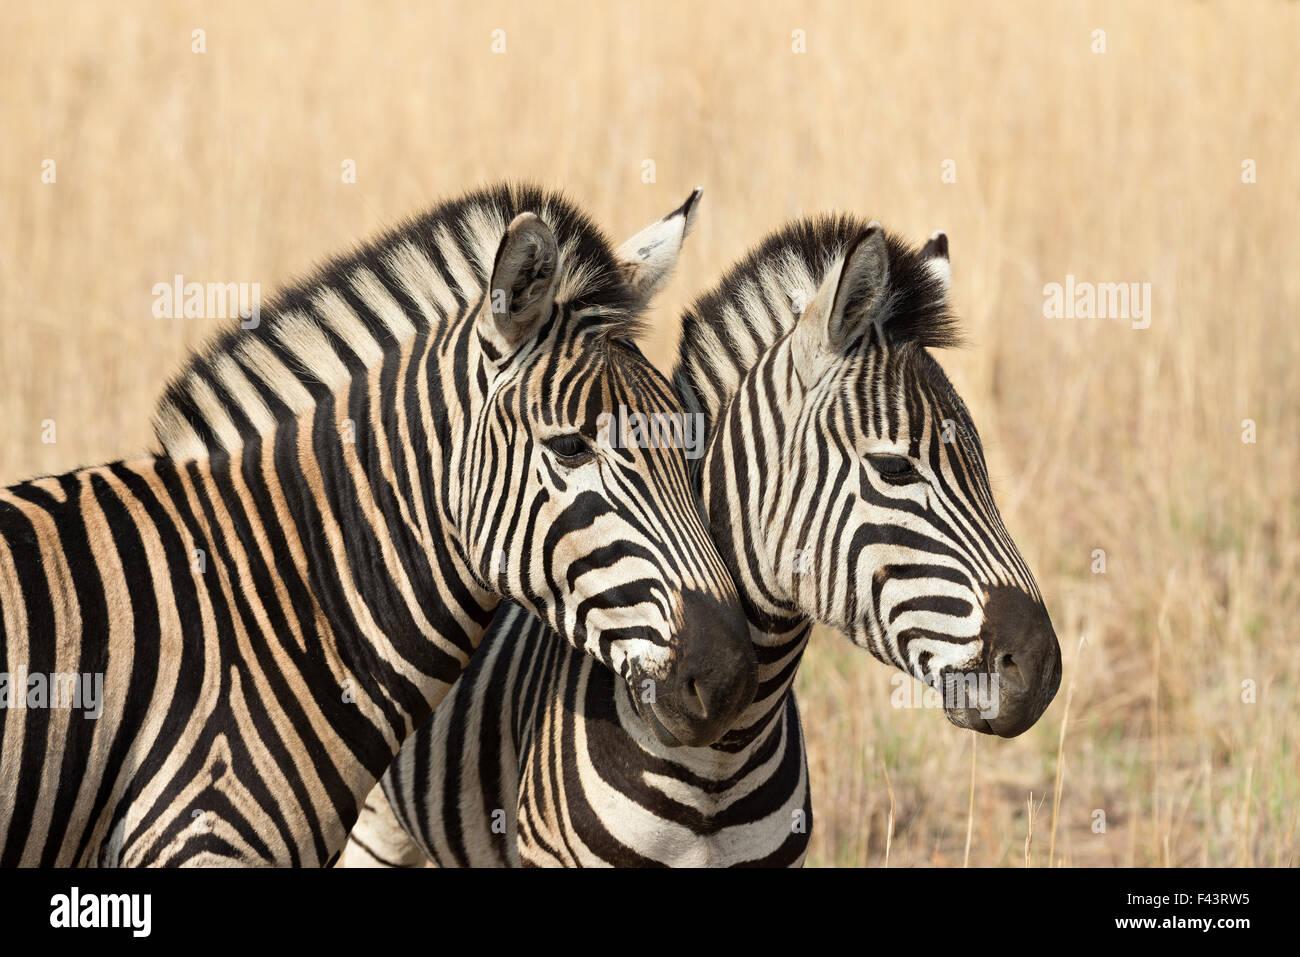 Dos cebras de Burchell (Equus quagga burchellii) en una sabana de hierba dorada en seco, el Parque Nacional Pilanesberg, Imagen De Stock